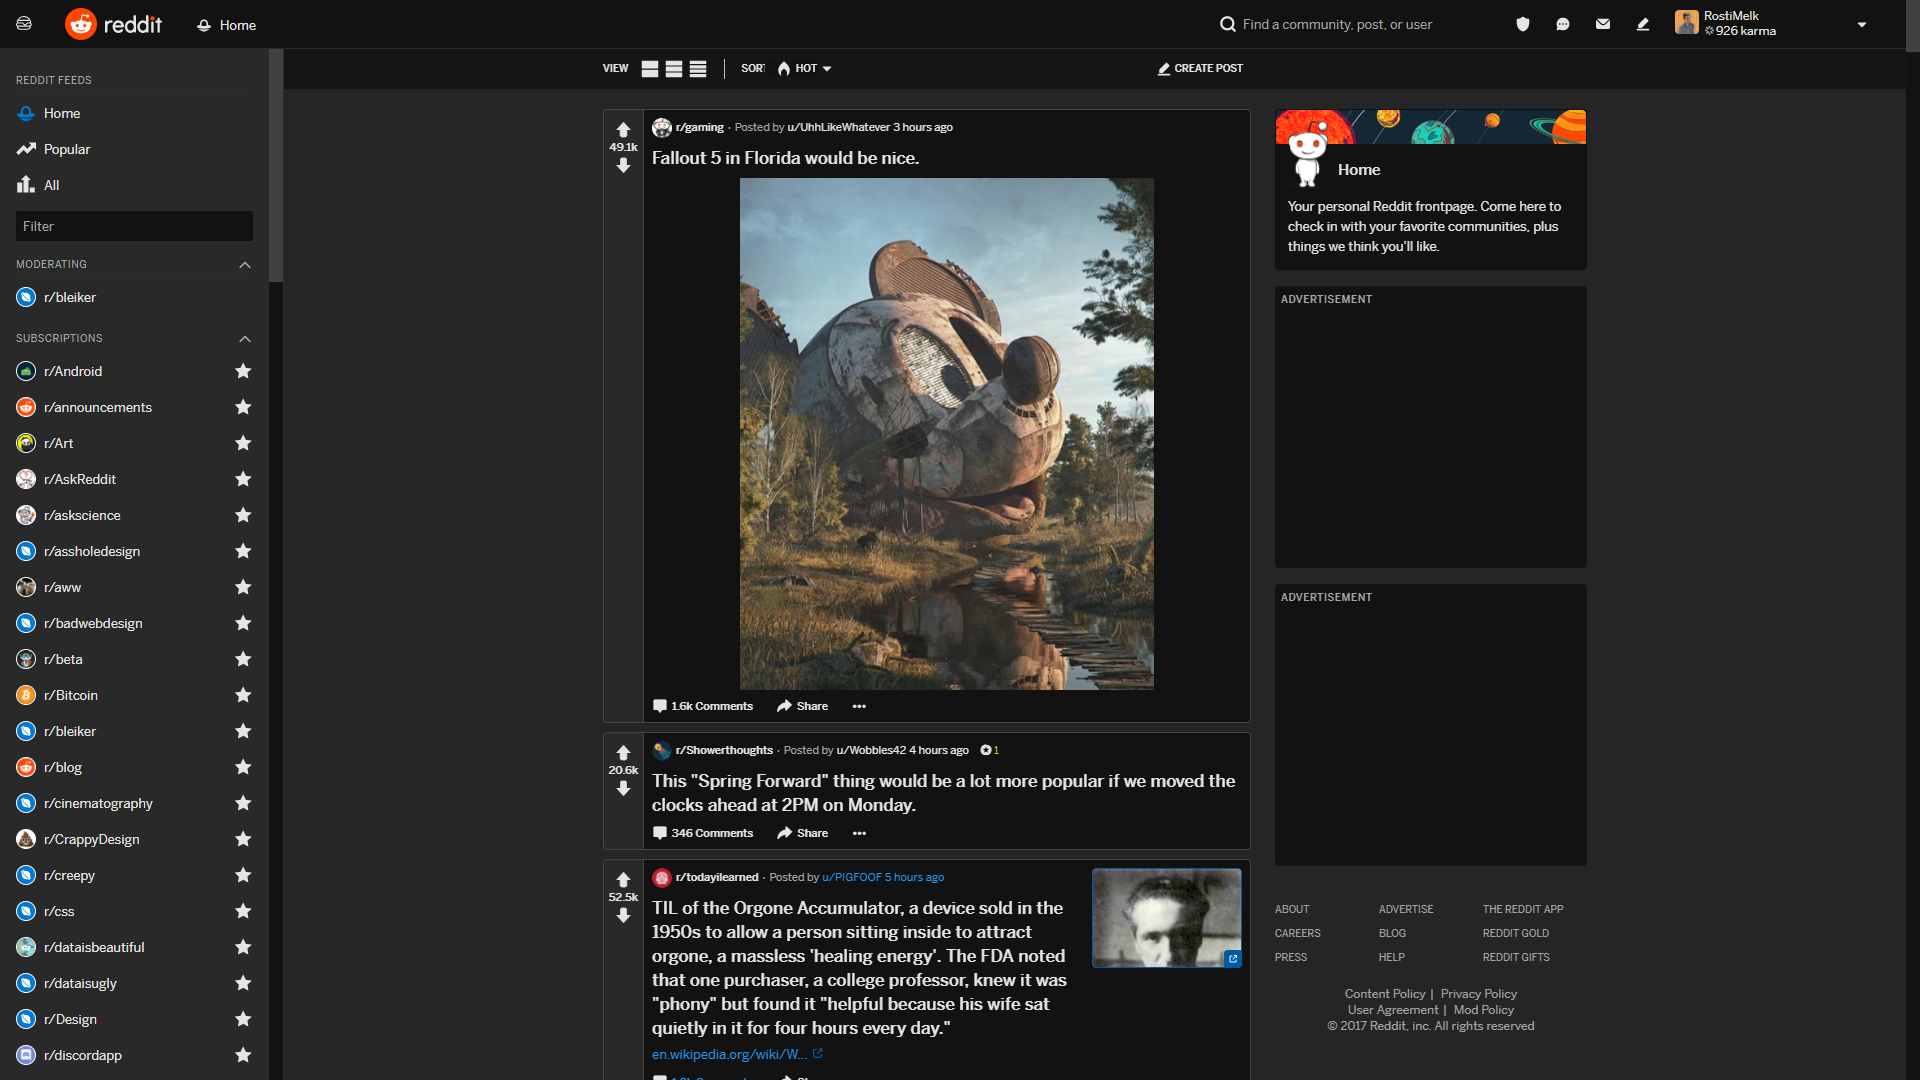 GitHub - RostiMelk/Darkmode-for-the-new-Reddit-design